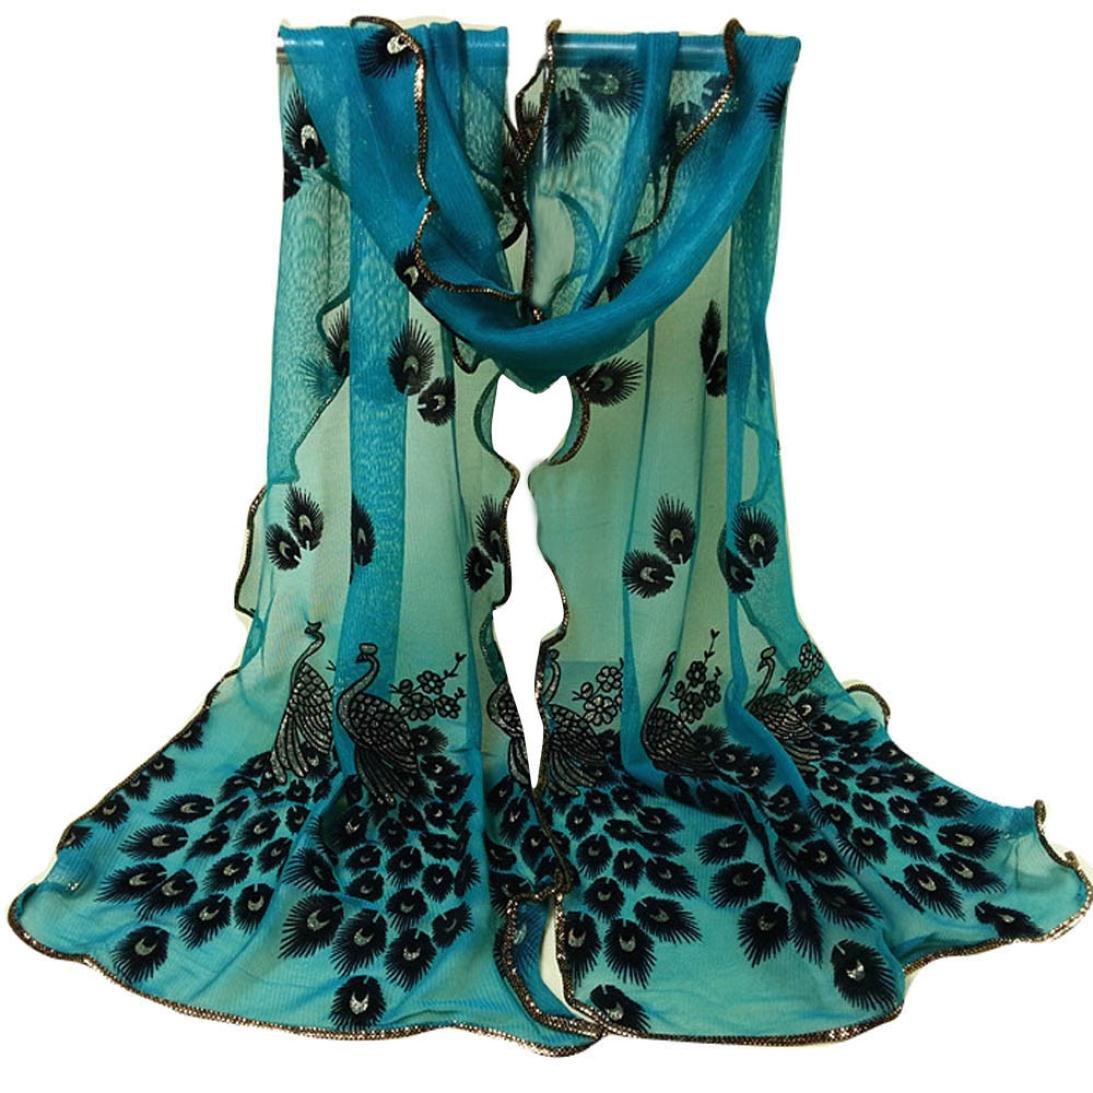 ホット、yang-yiファッションレディースピーコックフラワー刺繍レーススカーフロングソフトラップナイロンショール One Size ブルー B079BPZ7F1  グリーン One Size